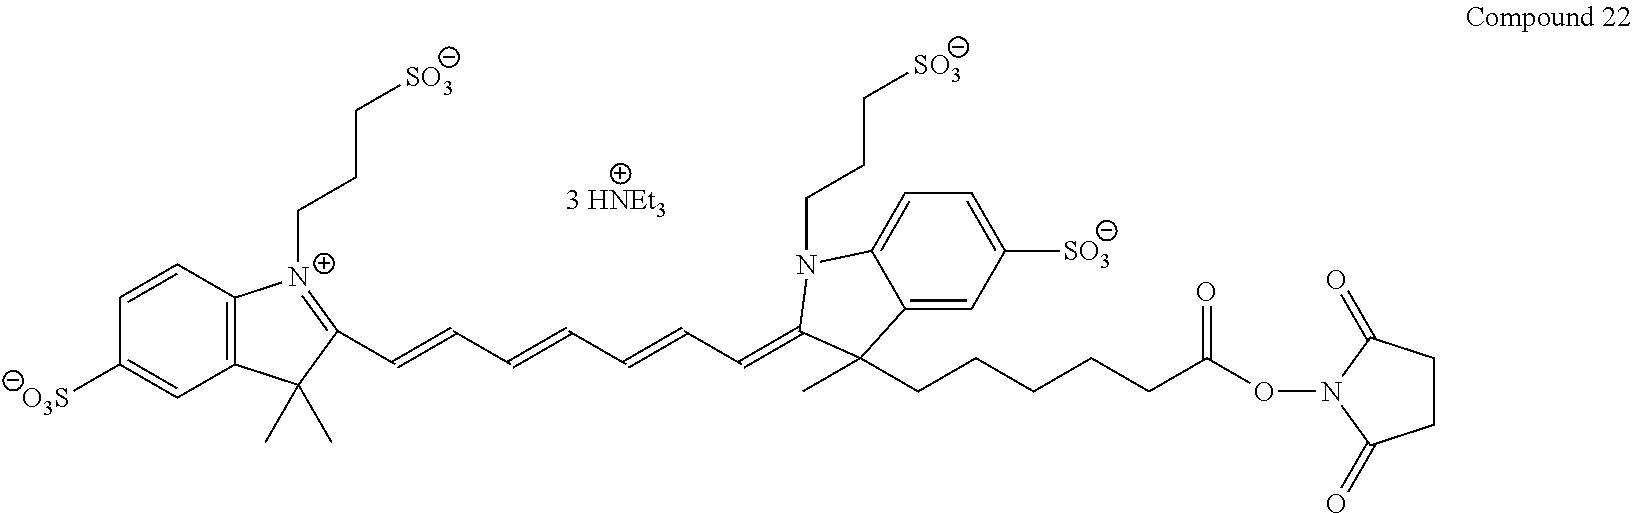 Figure US09018396-20150428-C00039